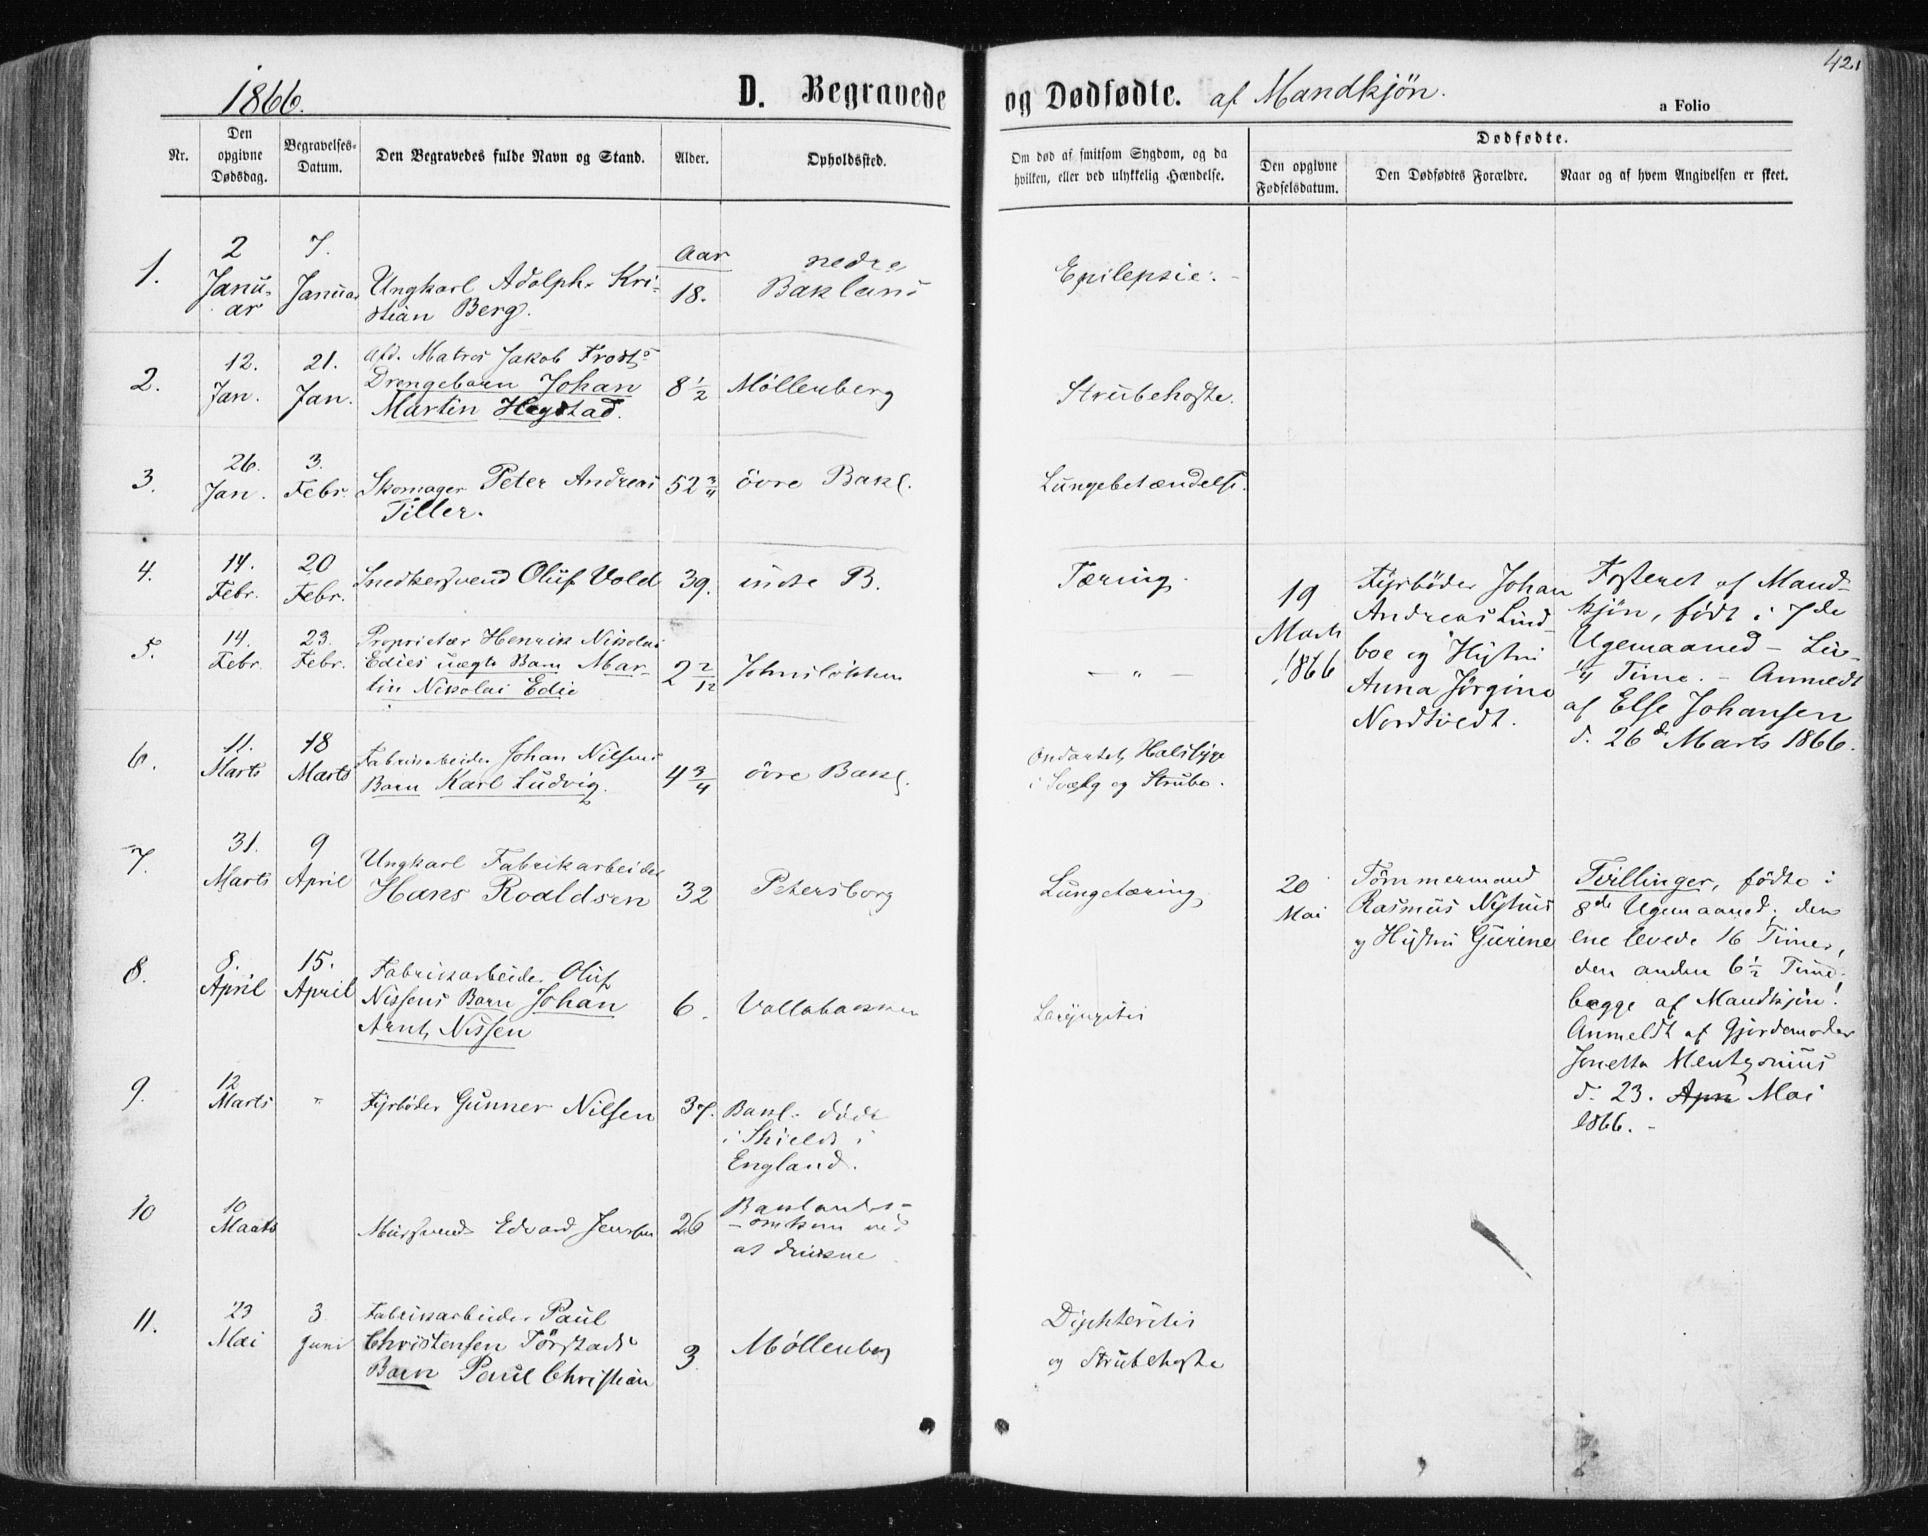 SAT, Ministerialprotokoller, klokkerbøker og fødselsregistre - Sør-Trøndelag, 604/L0186: Ministerialbok nr. 604A07, 1866-1877, s. 421